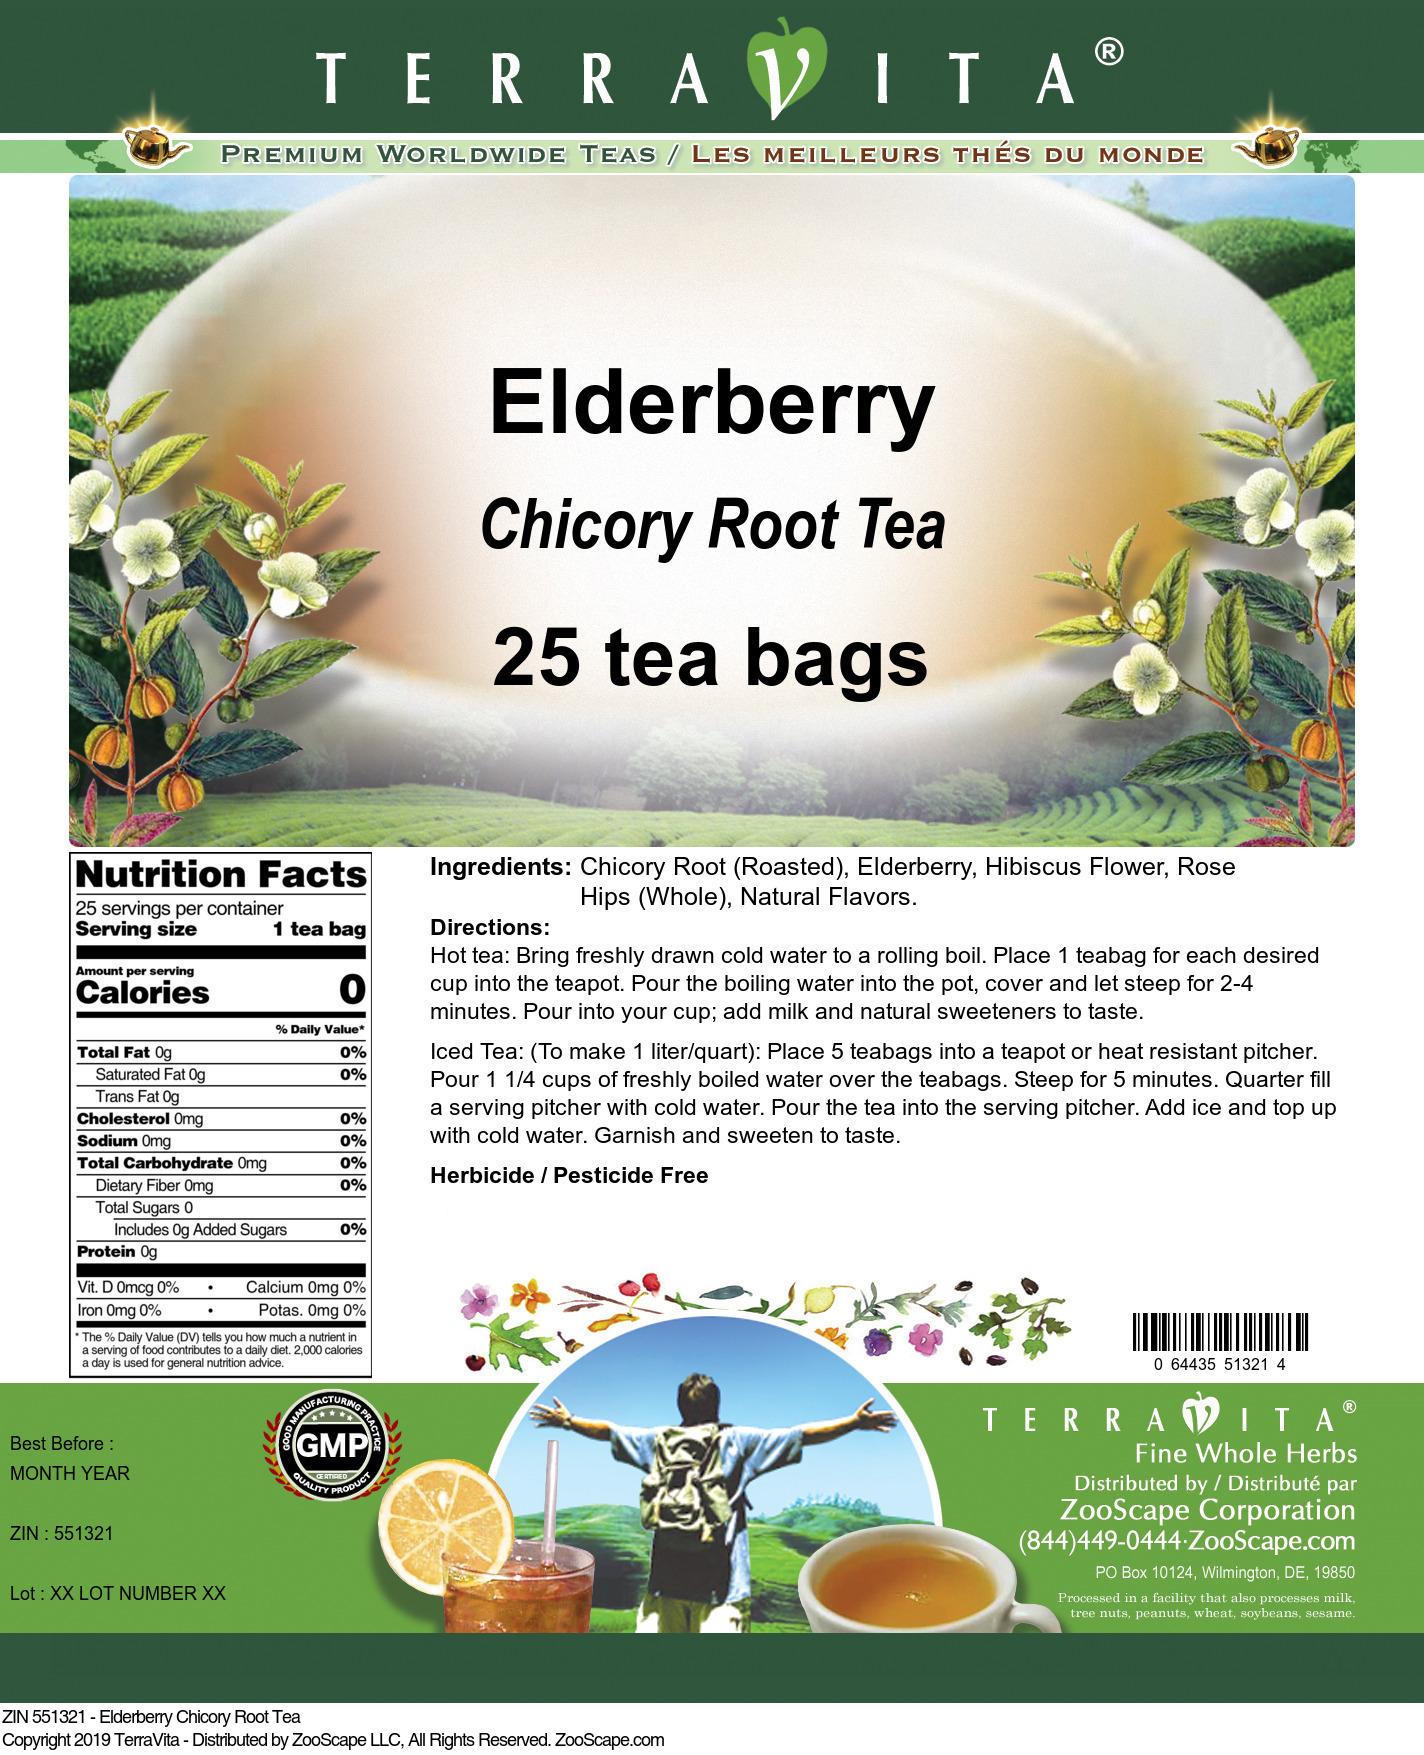 Elderberry Chicory Root Tea